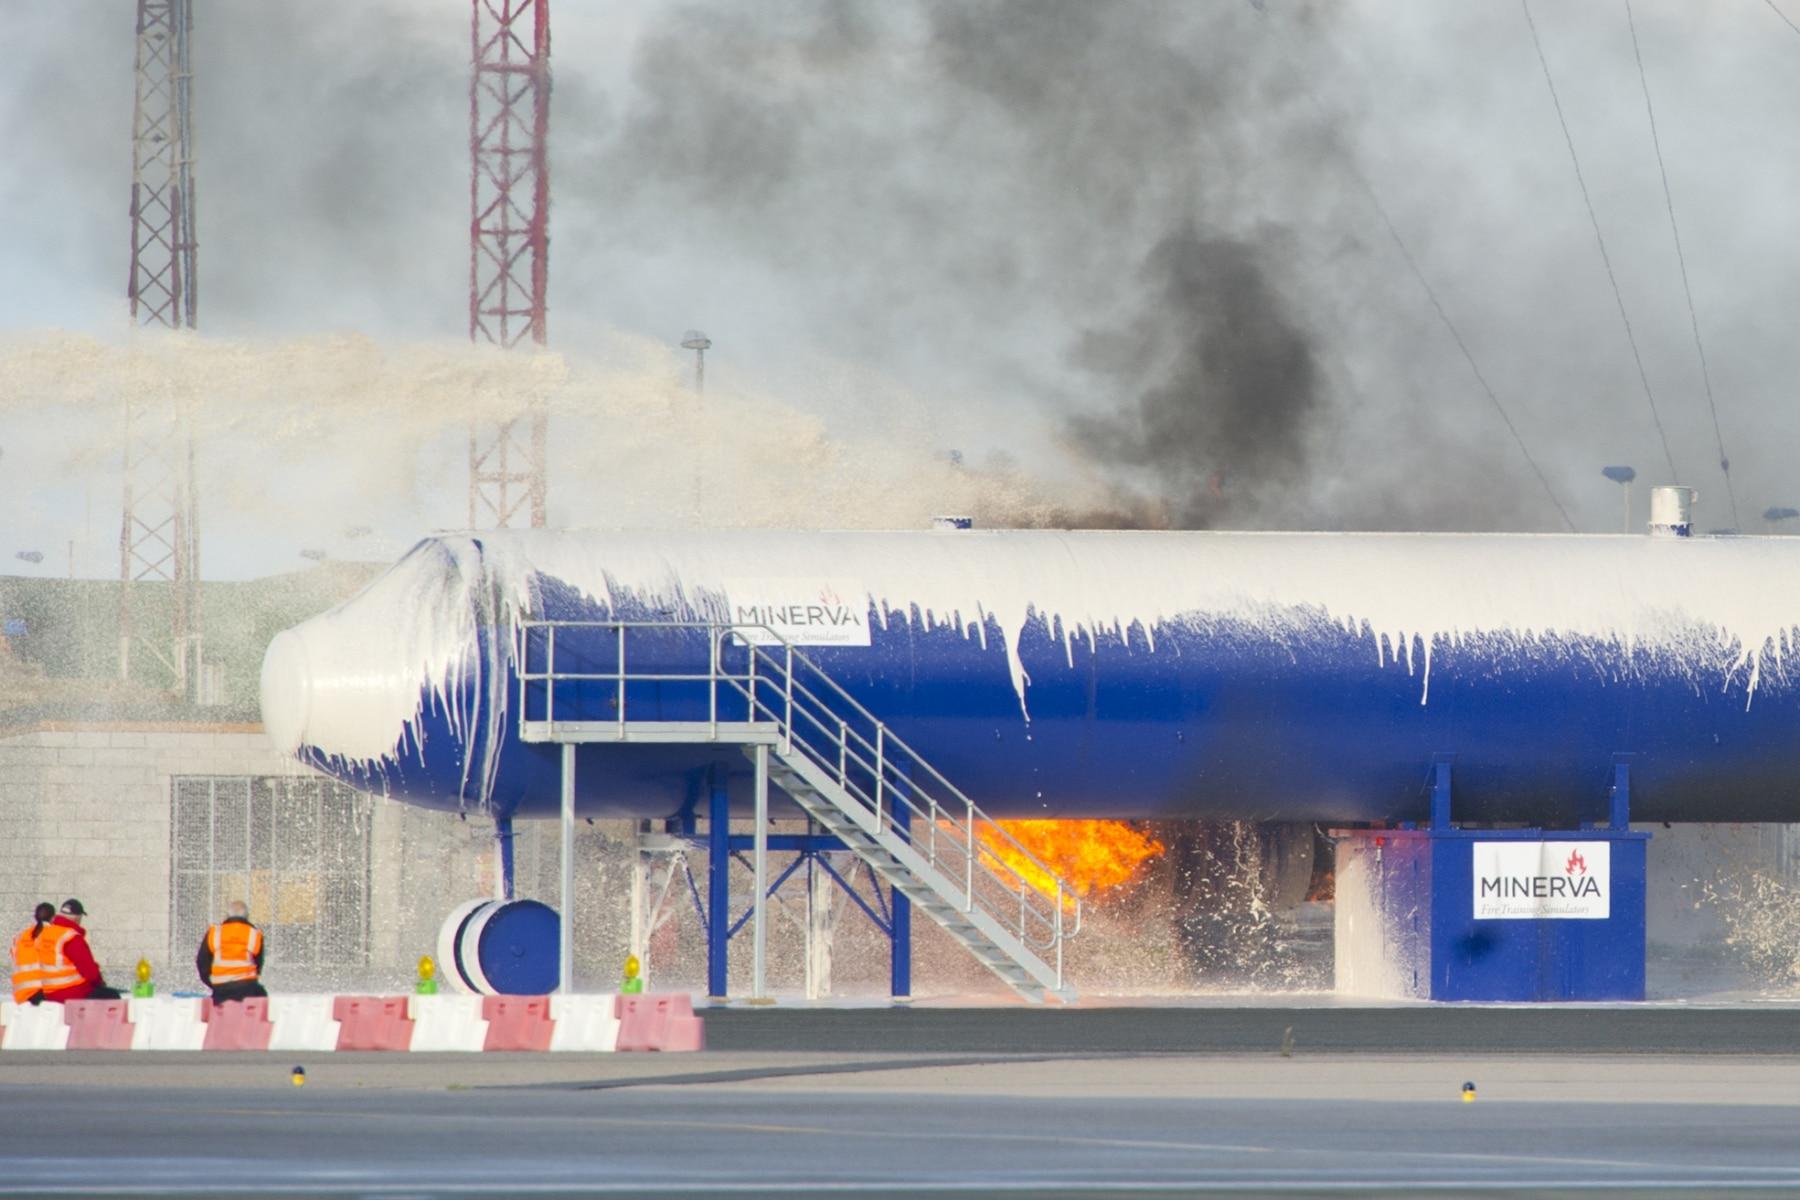 simulacro-accidente-aereo-en-gibraltar-03122014-09_15756646670_o